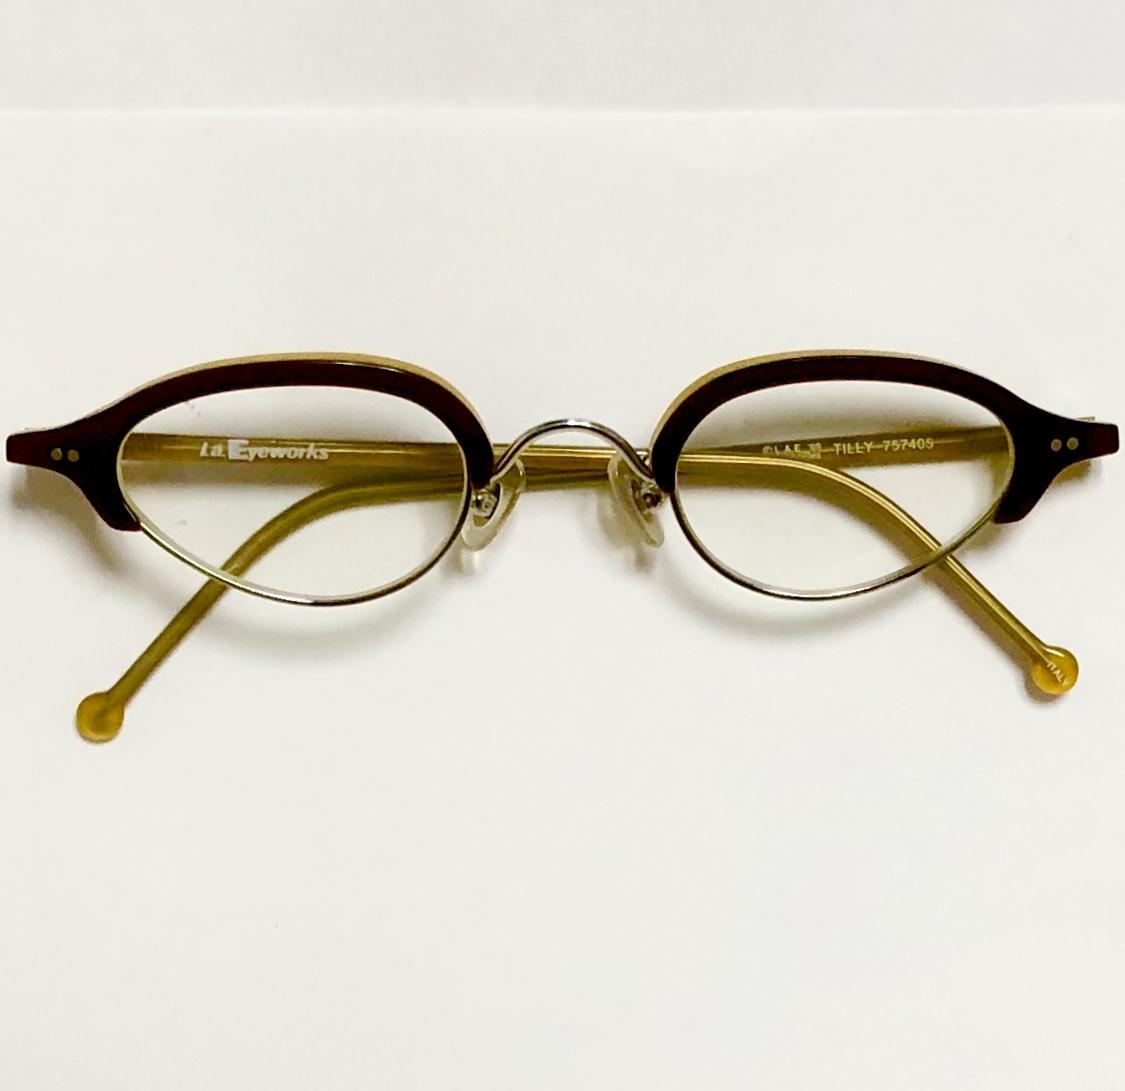 ビンテージ・新品】1990年代 l.a. Eyeworks イタリア製ティリー 茶色 高級メガネ エルエーアイワークス /ヴィンテージ 米国ブランド_画像9